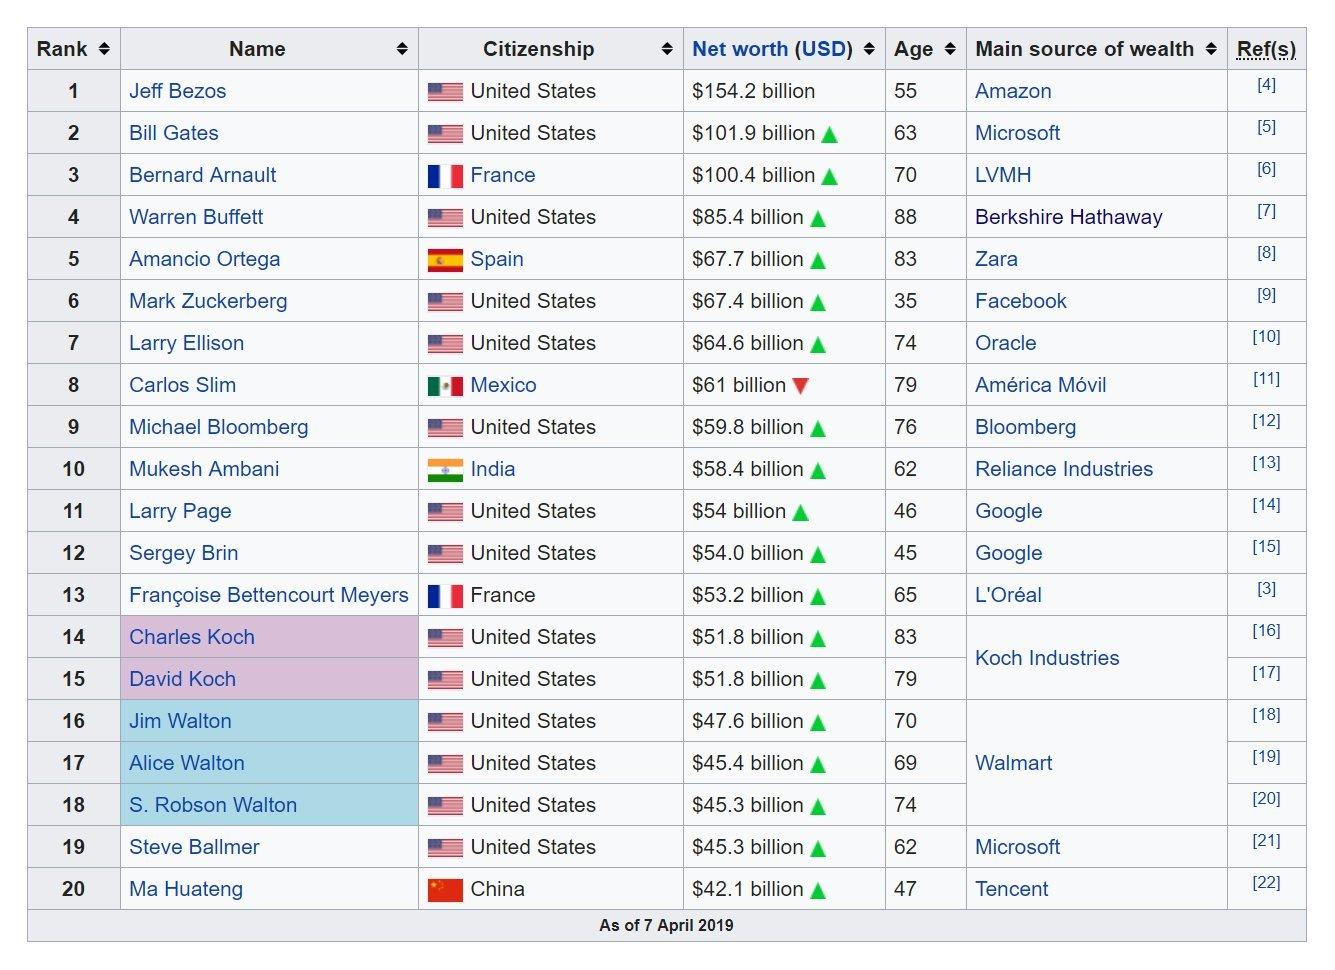 أغنى 10 أشخاص في العالم